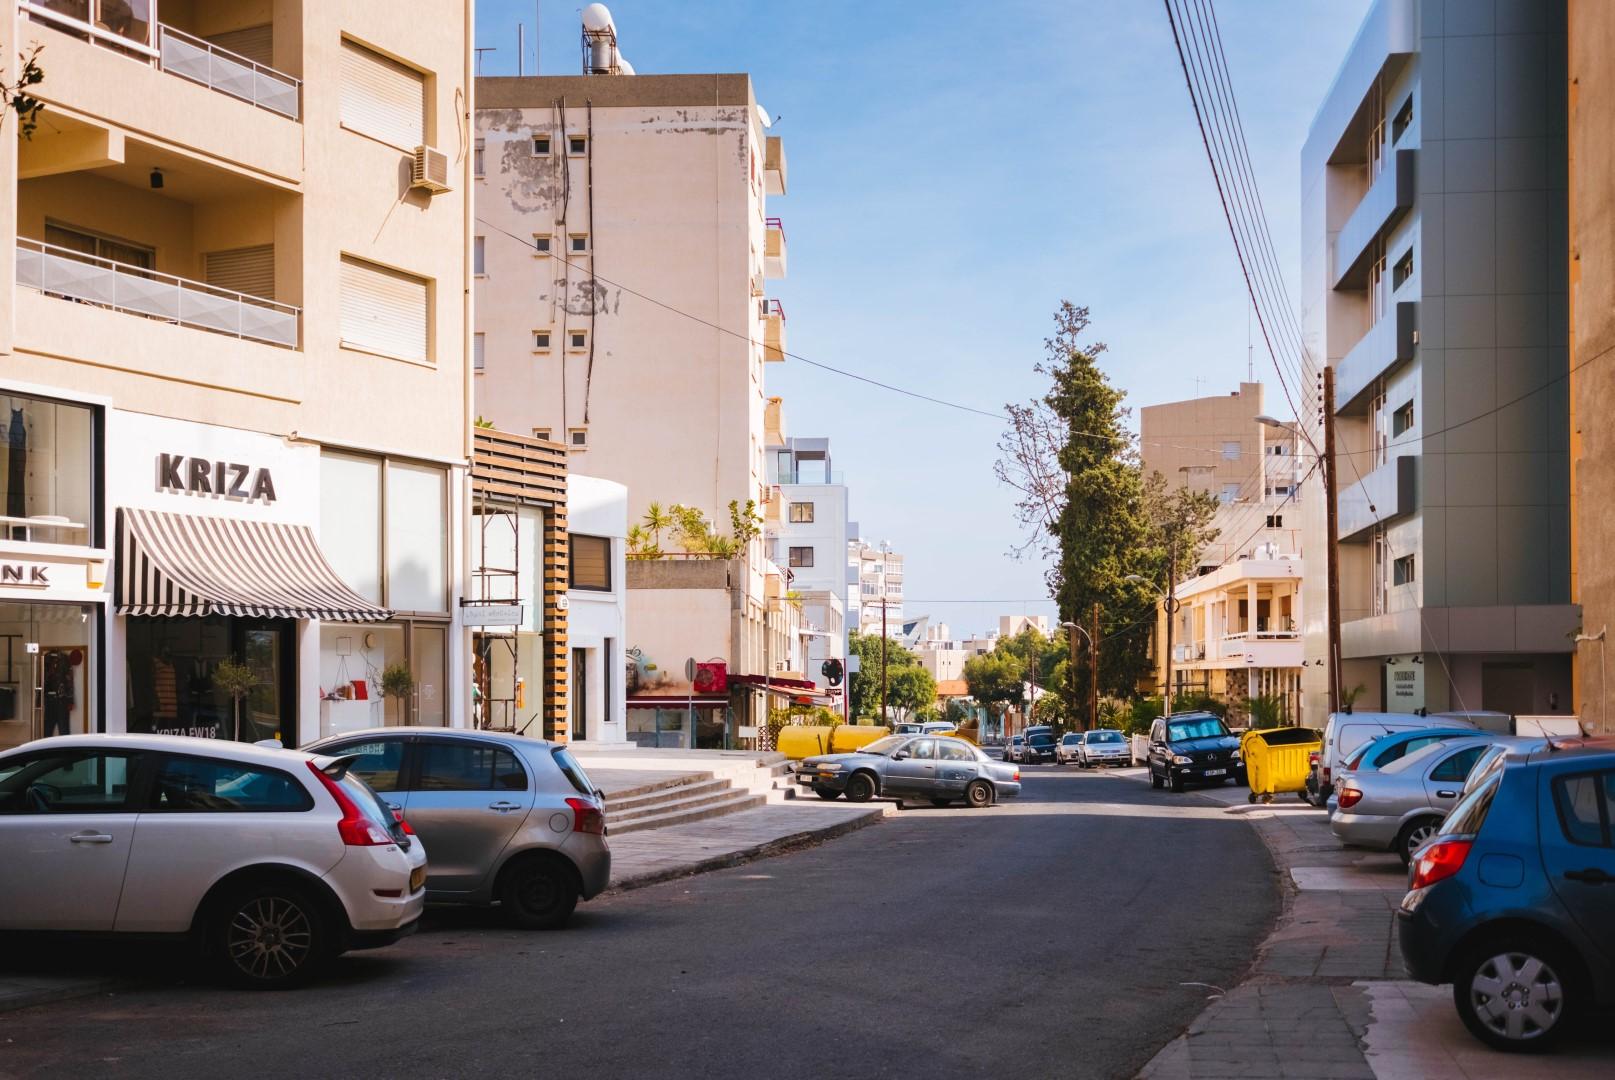 Οι επενδύσεις στην Κύπρο ανέρχονται σε μισό δισεκατομμύριο ευρώ